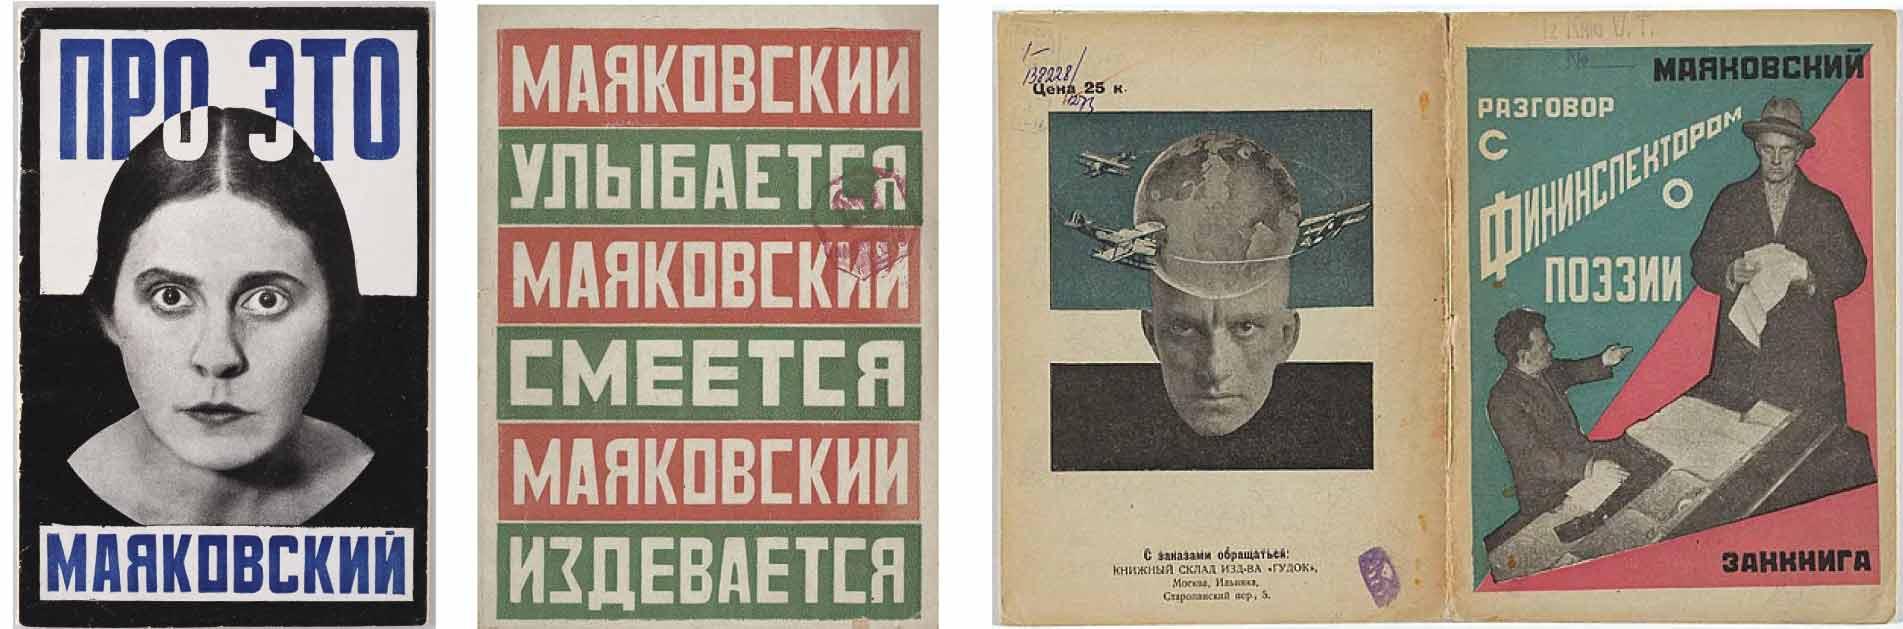 Diseños de Ródchenko para los libros de Mayakovski.